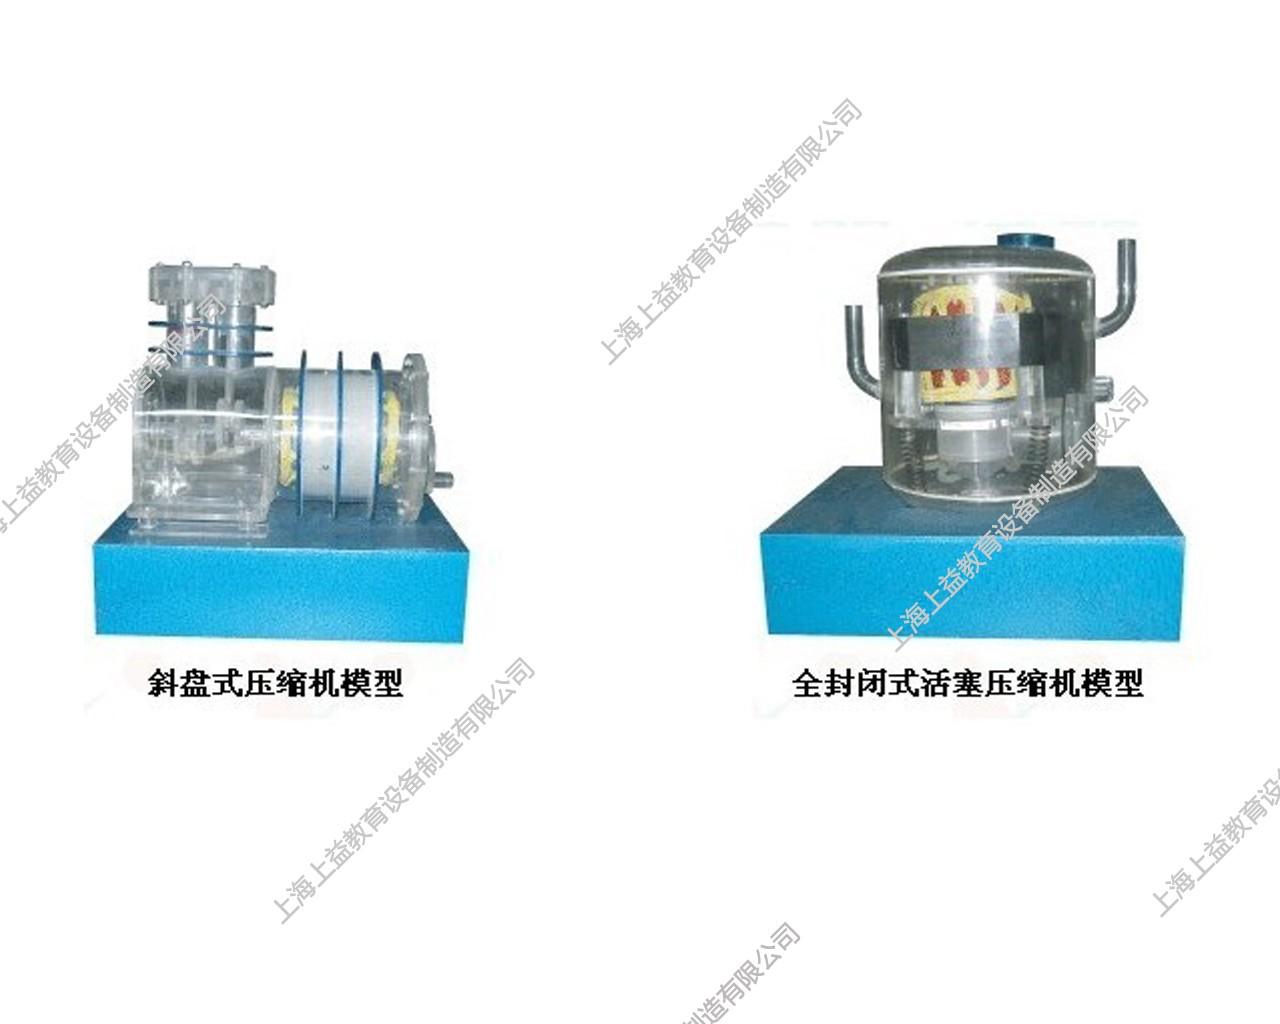 SYZLRX-27型 压缩机模型wwwlehu8vip设备